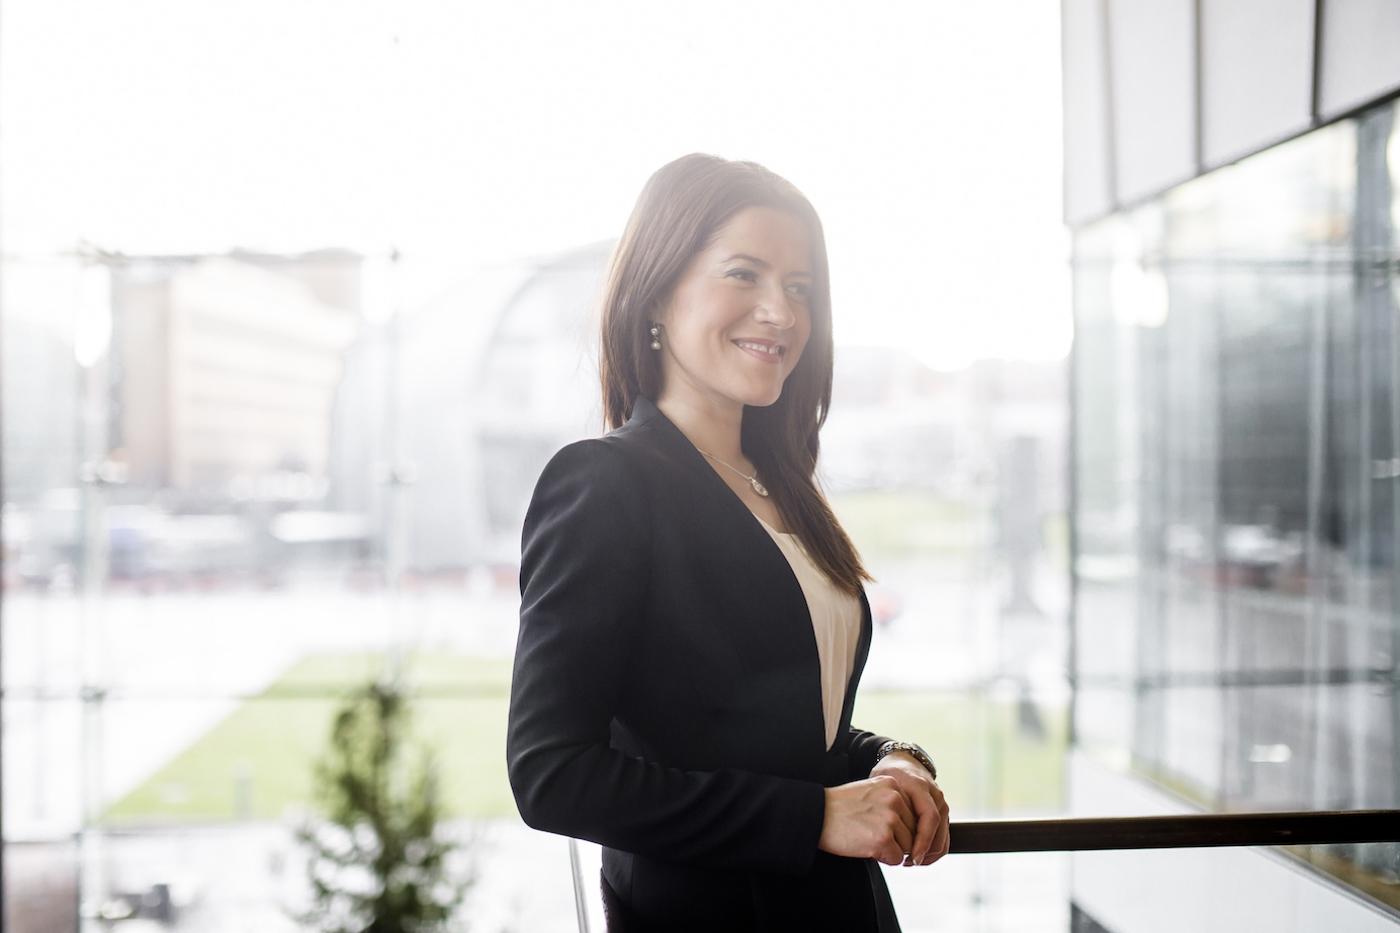 CV promotional business portrait photo